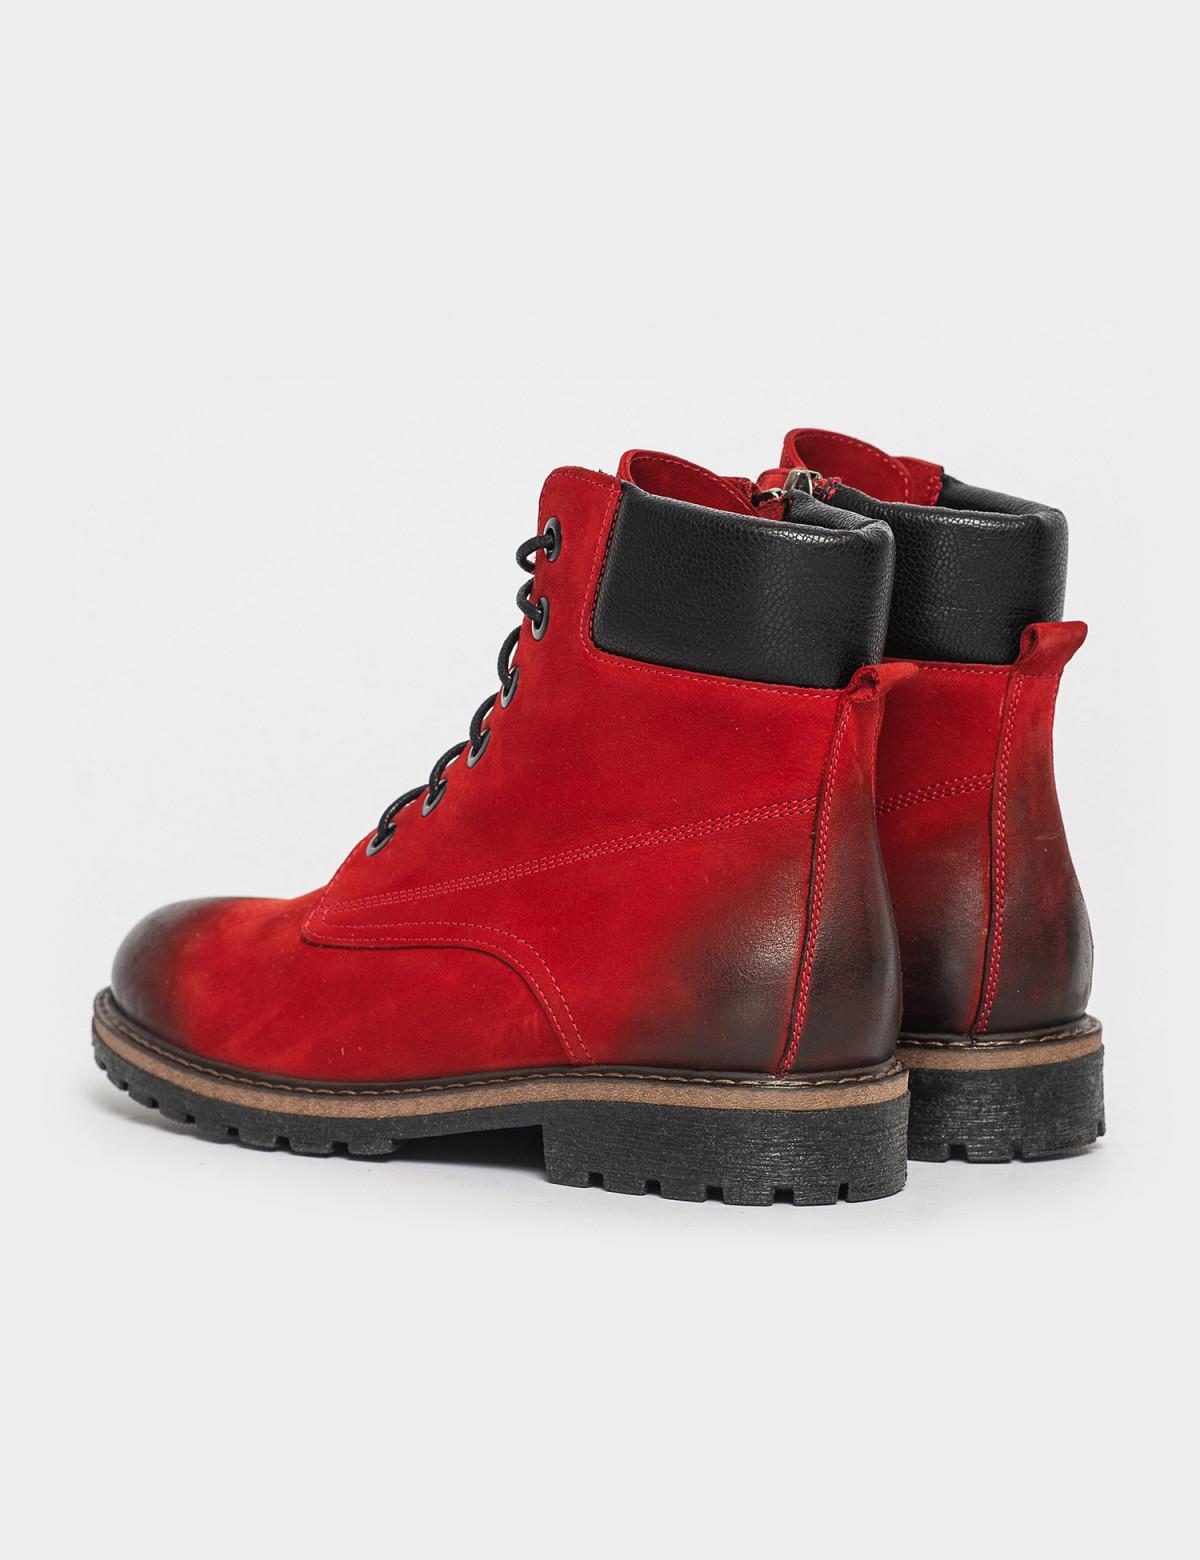 Ботинки красные. Натуральный нубук. Байка2